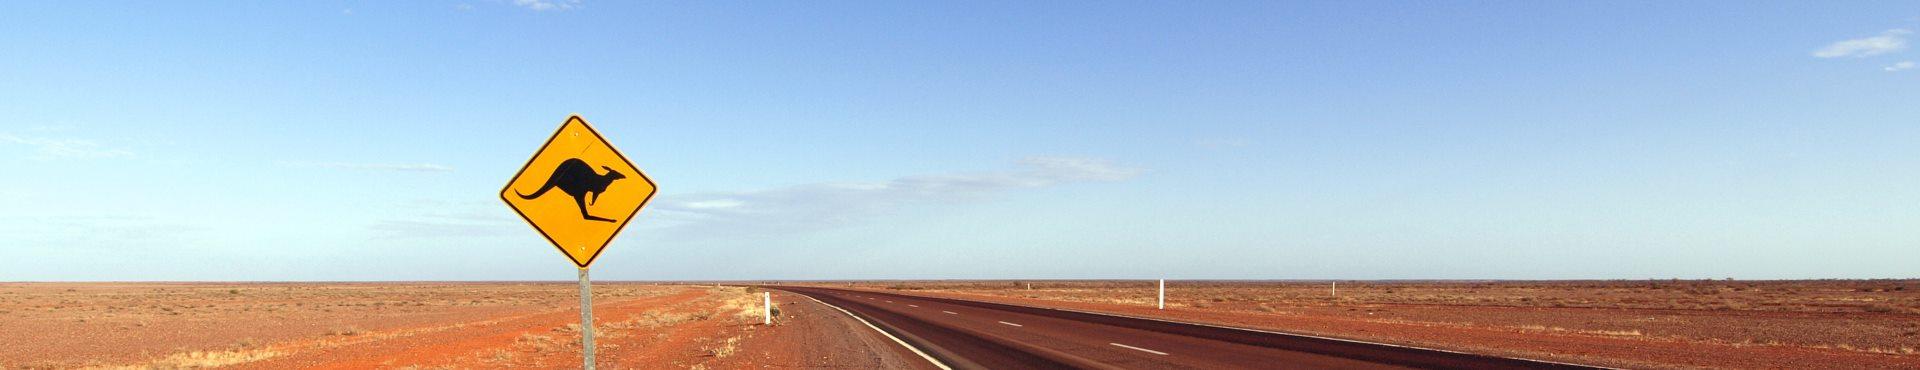 Australian outback | Shine Lawyers